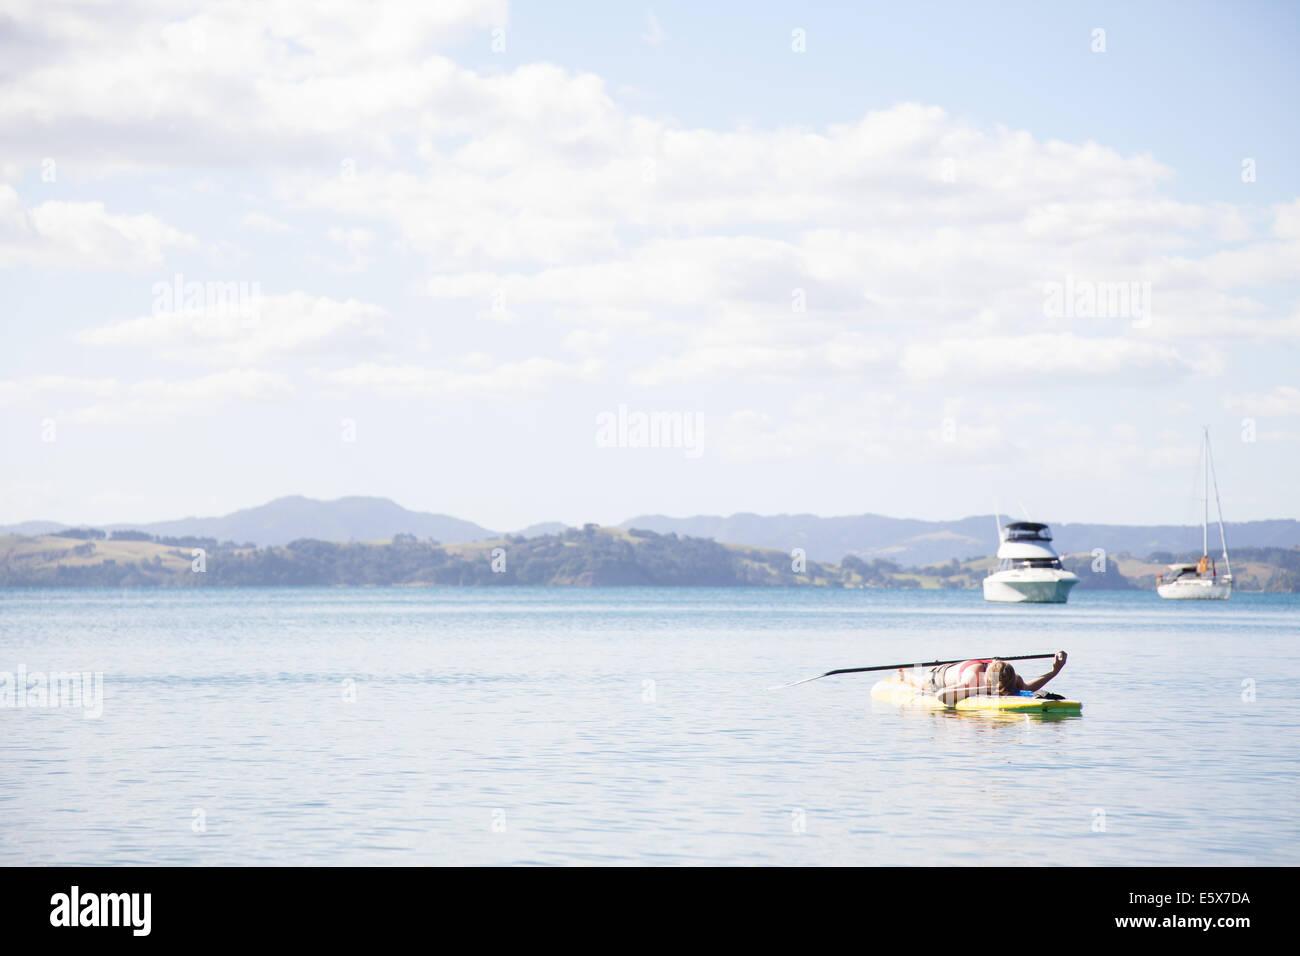 Metà donna adulta sdraiata sulla schiena paddleboarding in mare Immagini Stock